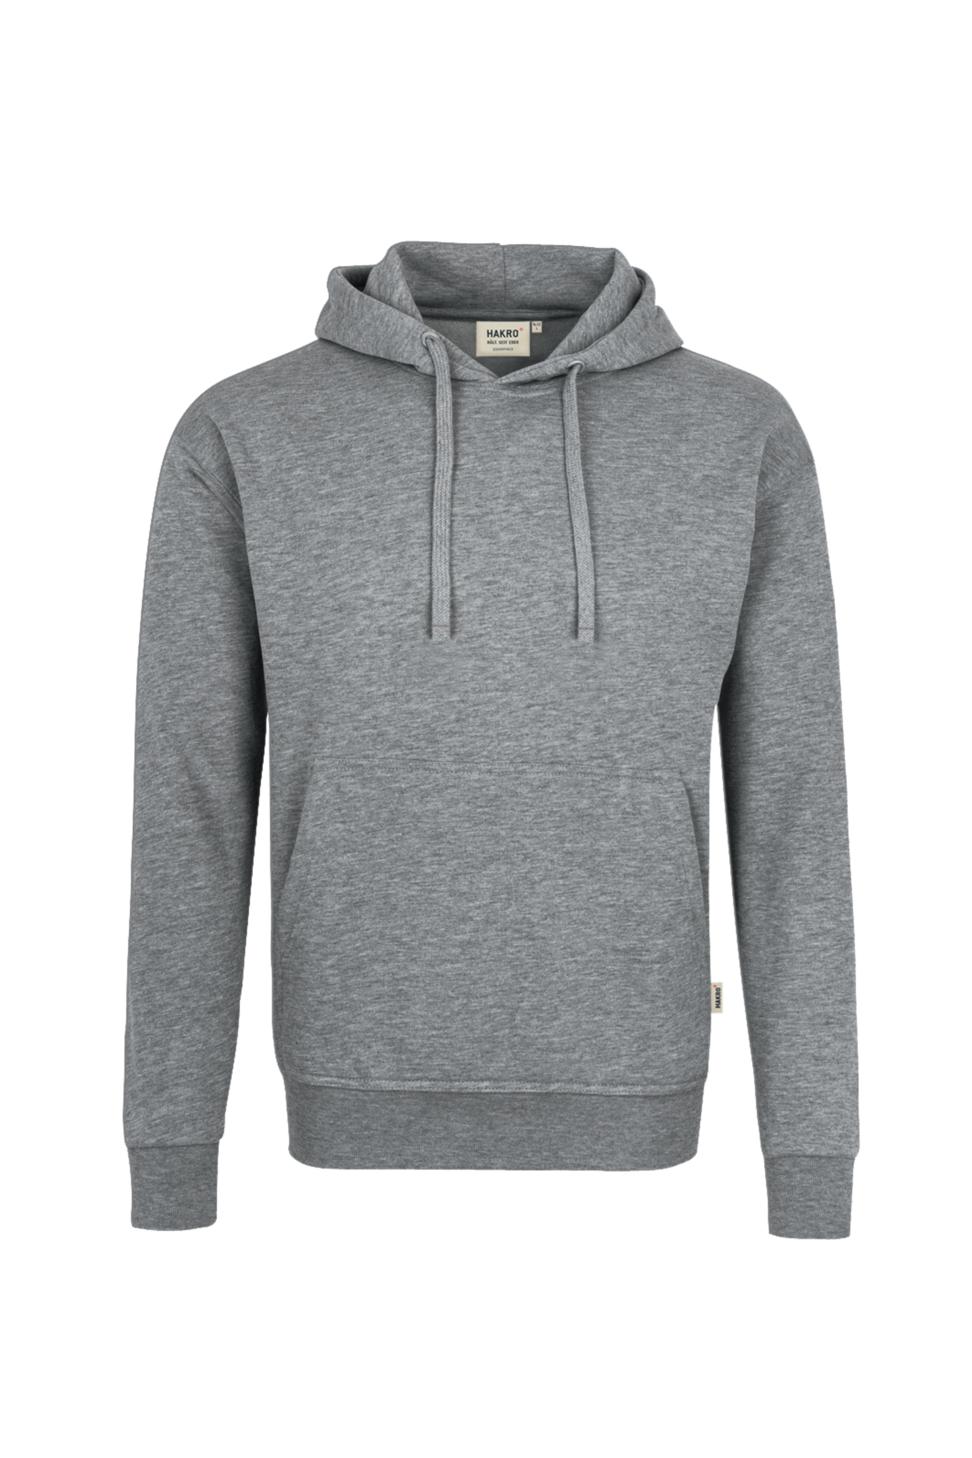 No601 - Kapuzen-Sweatshirt Premium